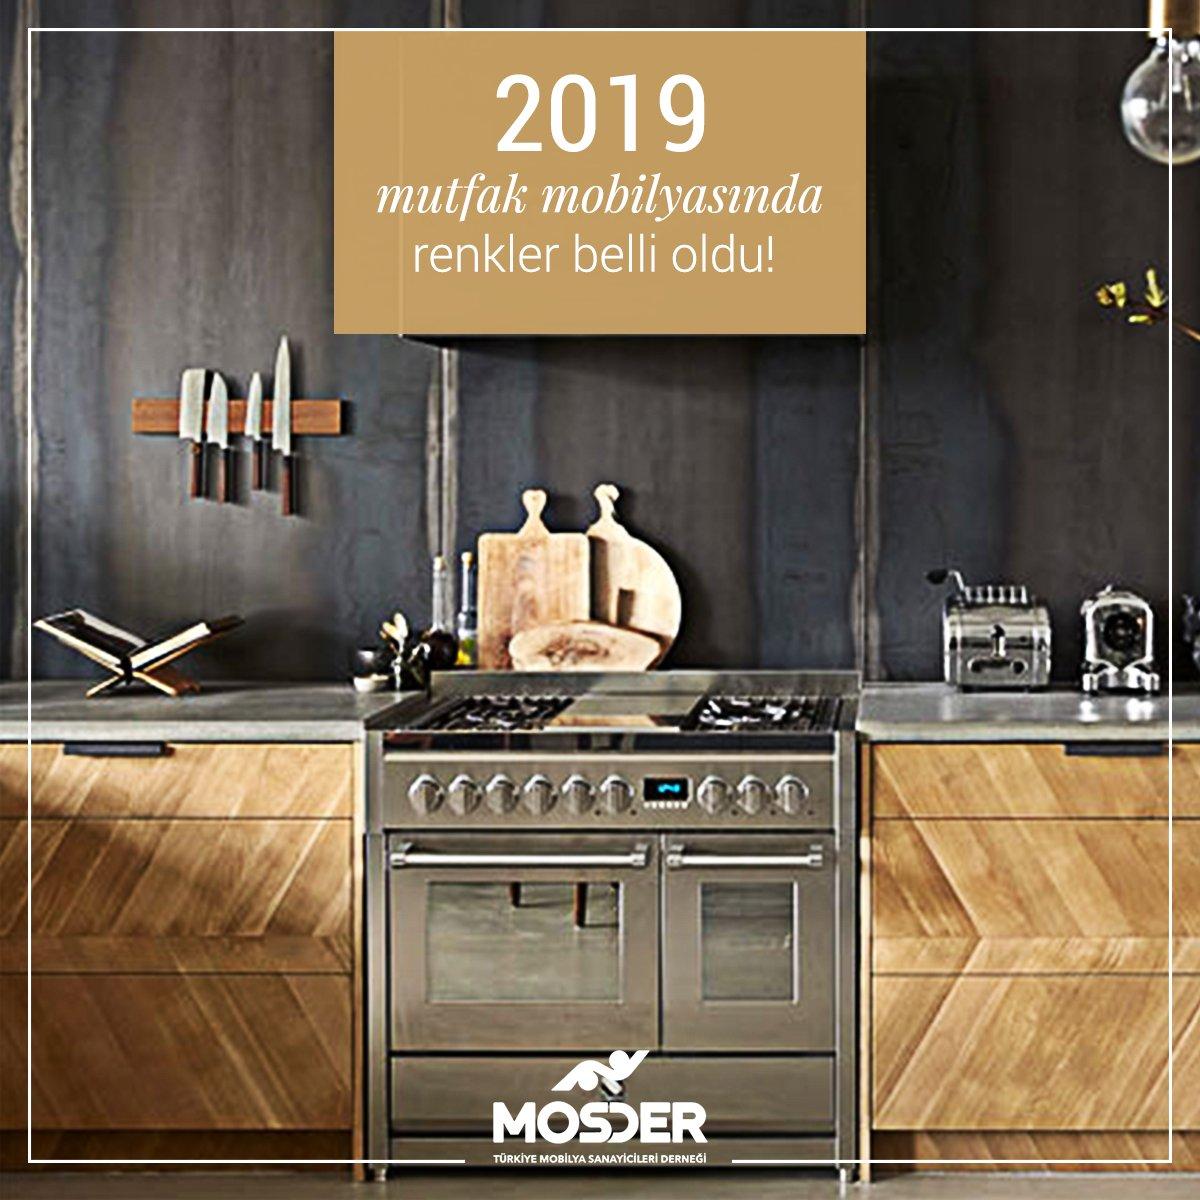 2019 mutfak renkleri